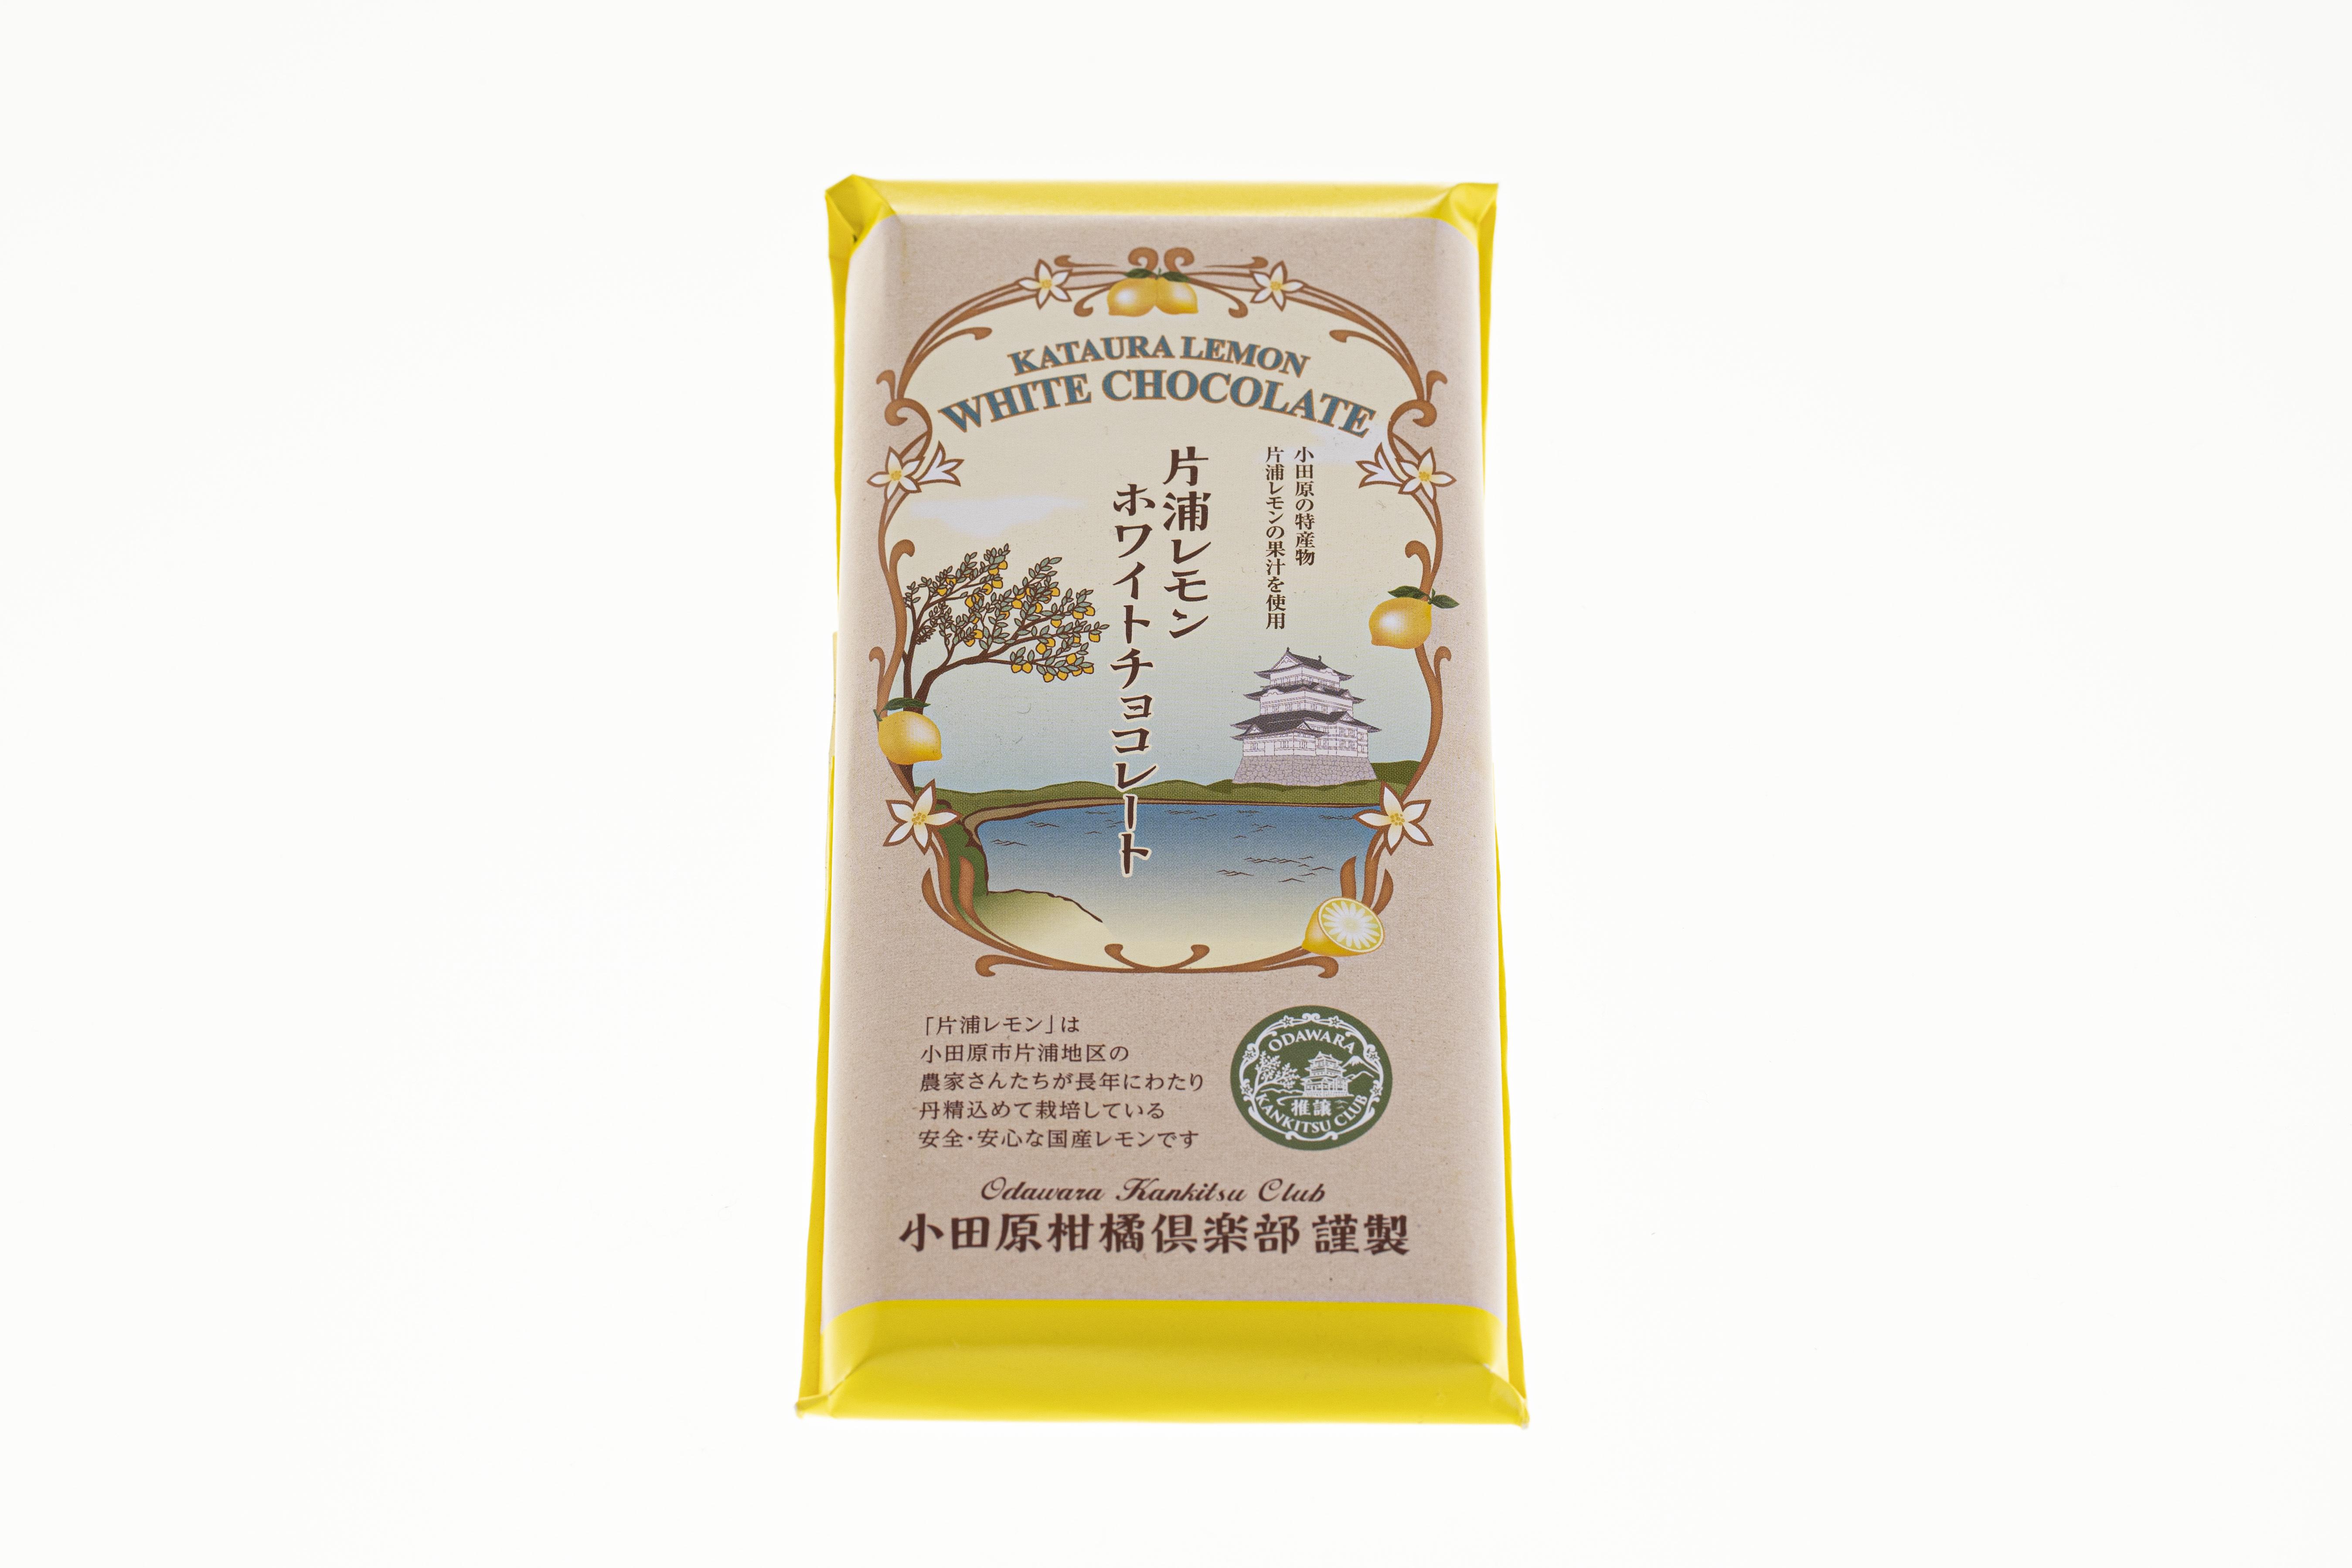 16 片浦レモン ホワイトチョコレート